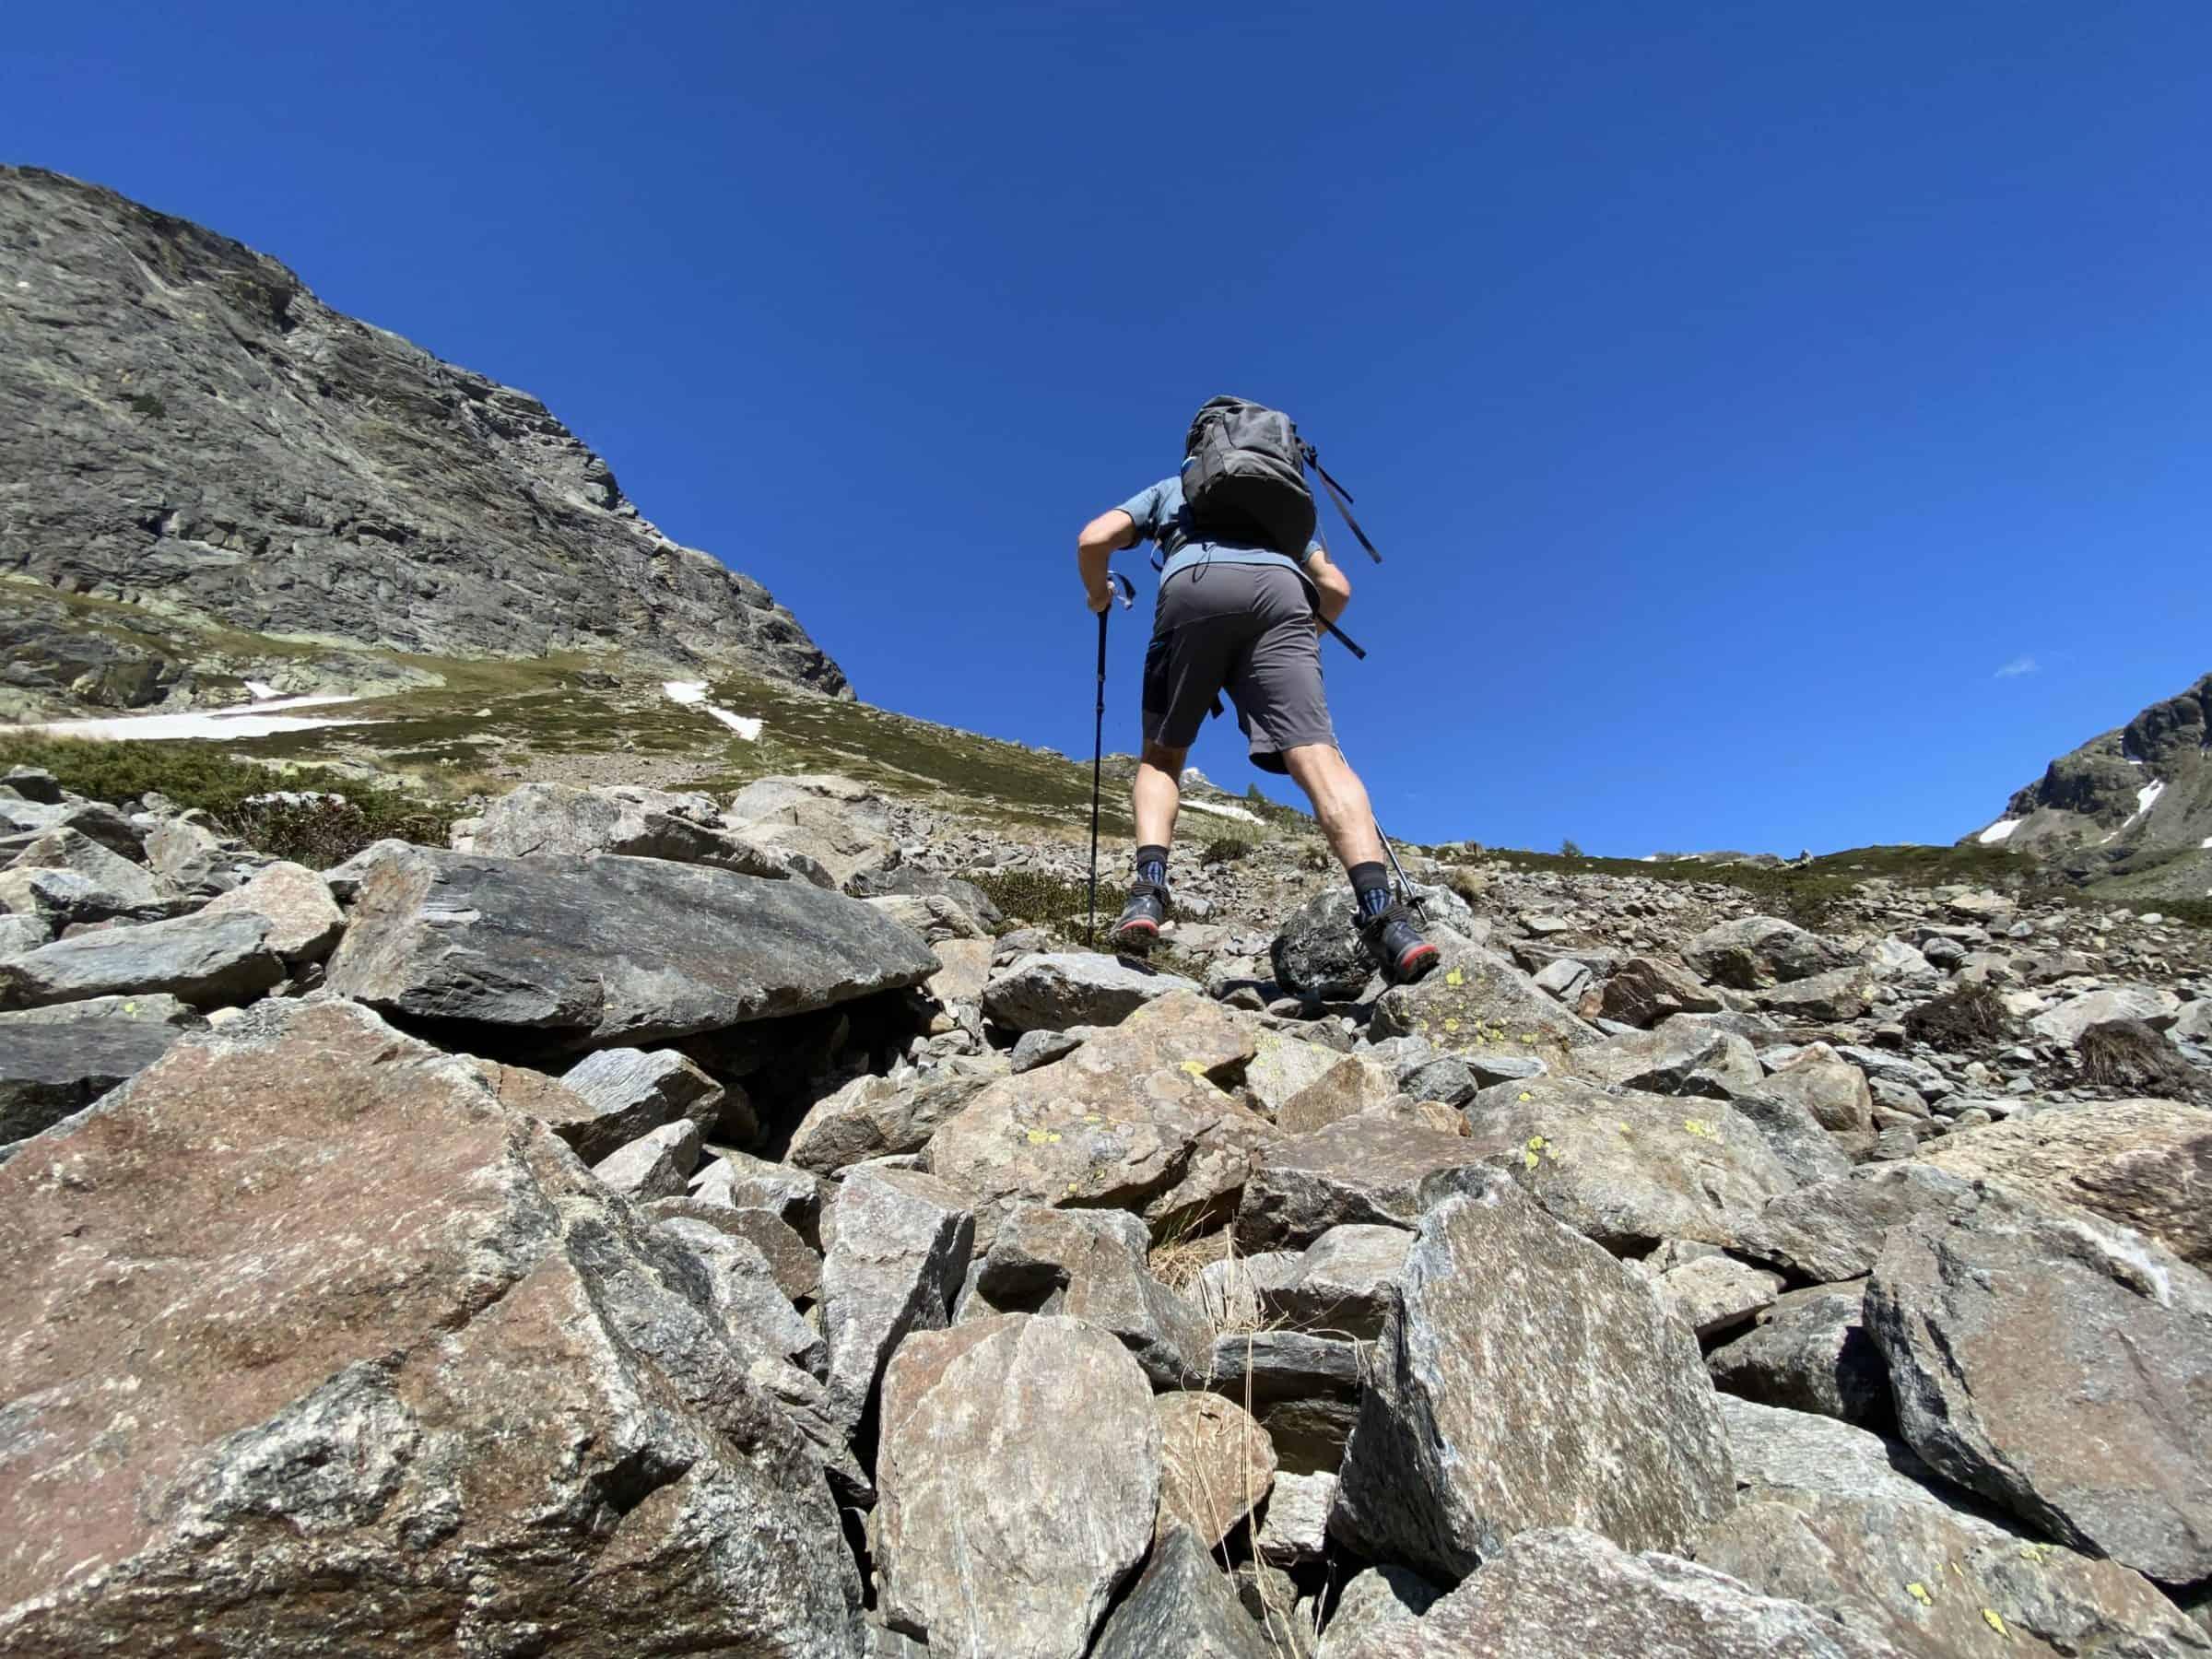 Molto lavoro su rocce e terreno duro per verificare l'ammortizzamento